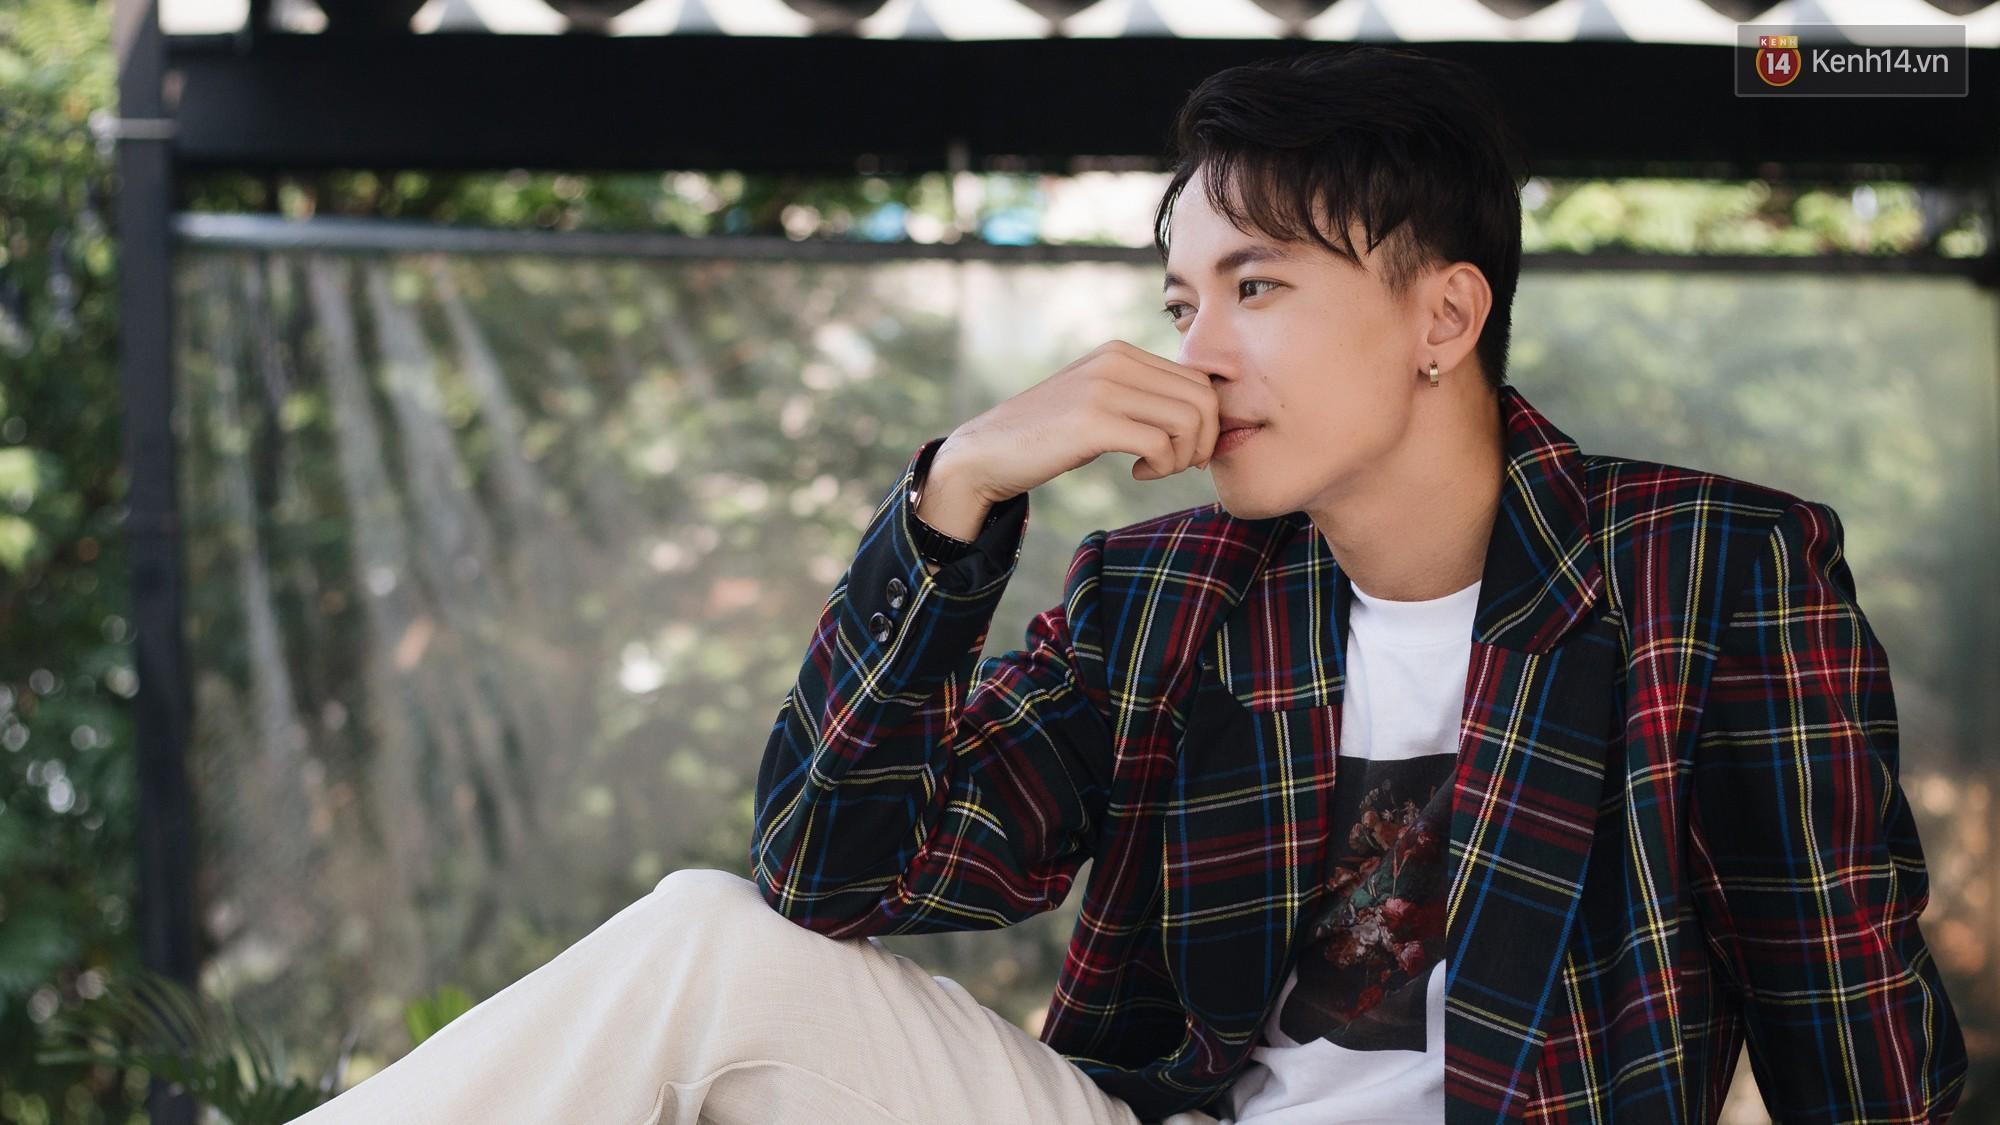 Team Nâu Cuộc đua kỳ thú 2019: Bình An và S.T Sơn Thạch tiết lộ không bao giờ ngồi ăn cơm cùng nhau - Ảnh 13.